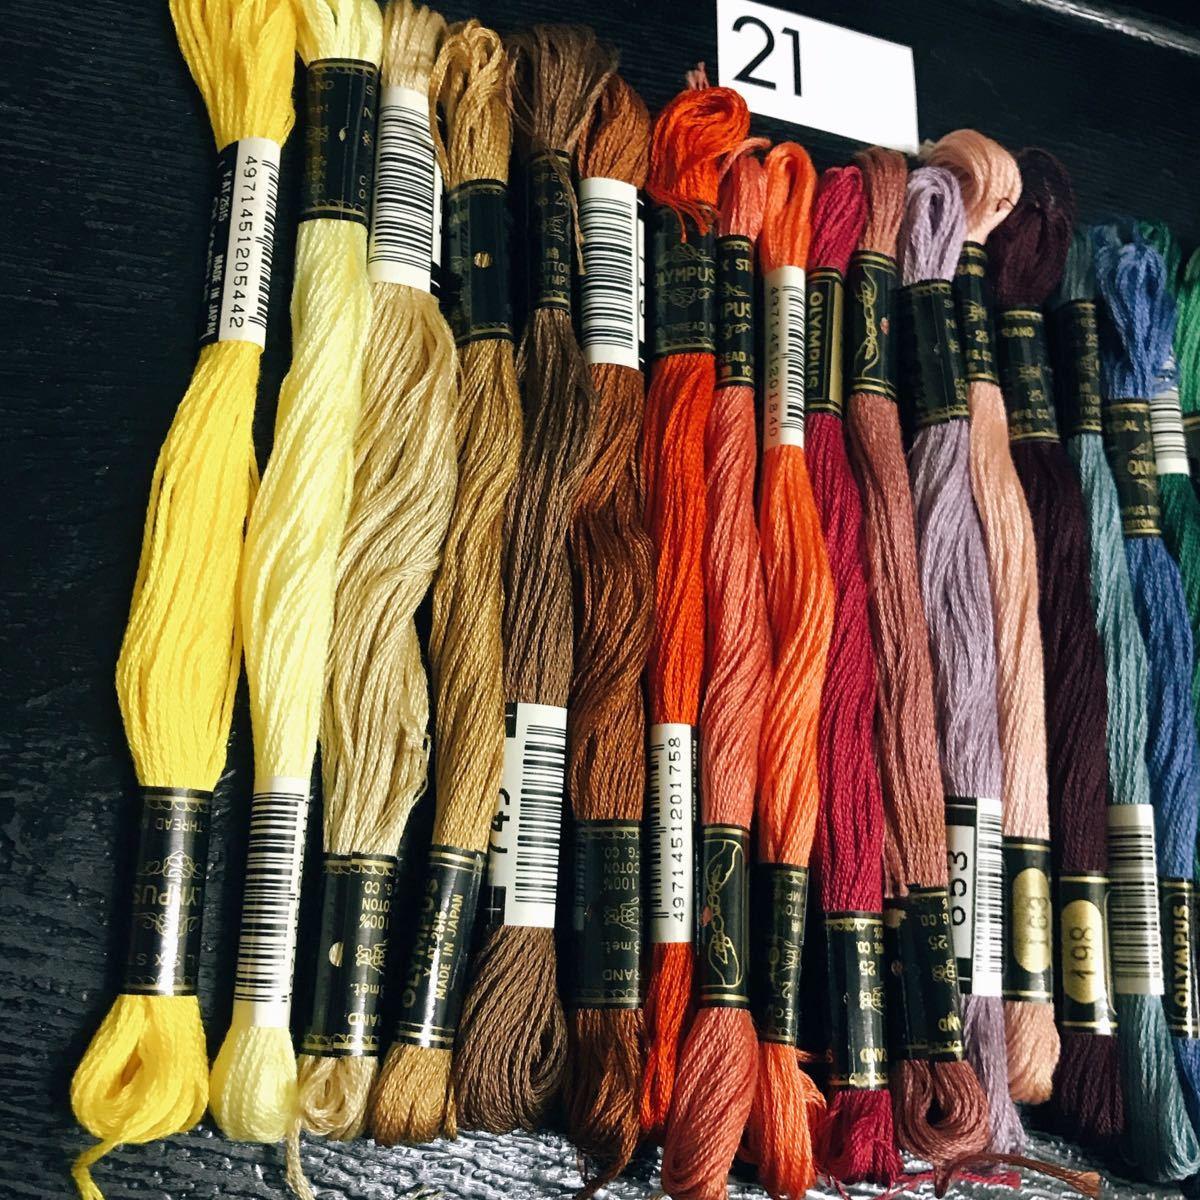 オリムパス 刺繍糸 20本セット No.21